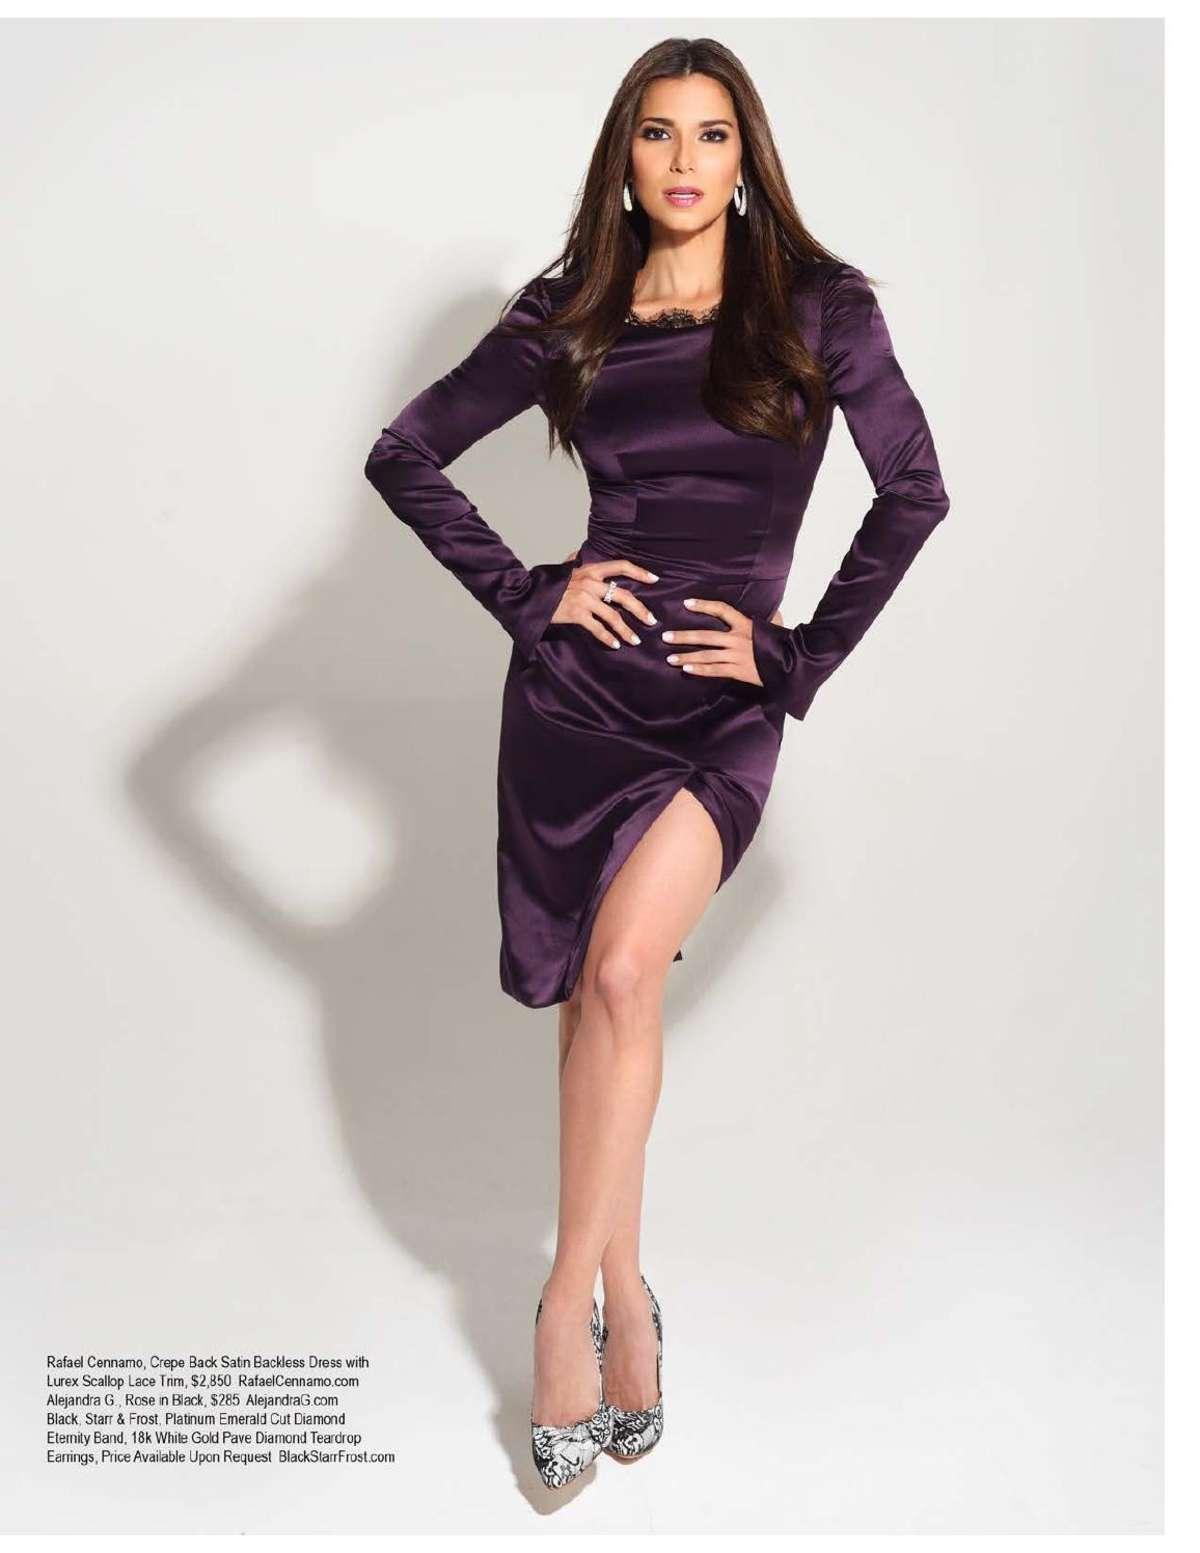 Roselyn Sanchez 2013 : Roselyn Sanchez – Regard magazine August 2013 -12